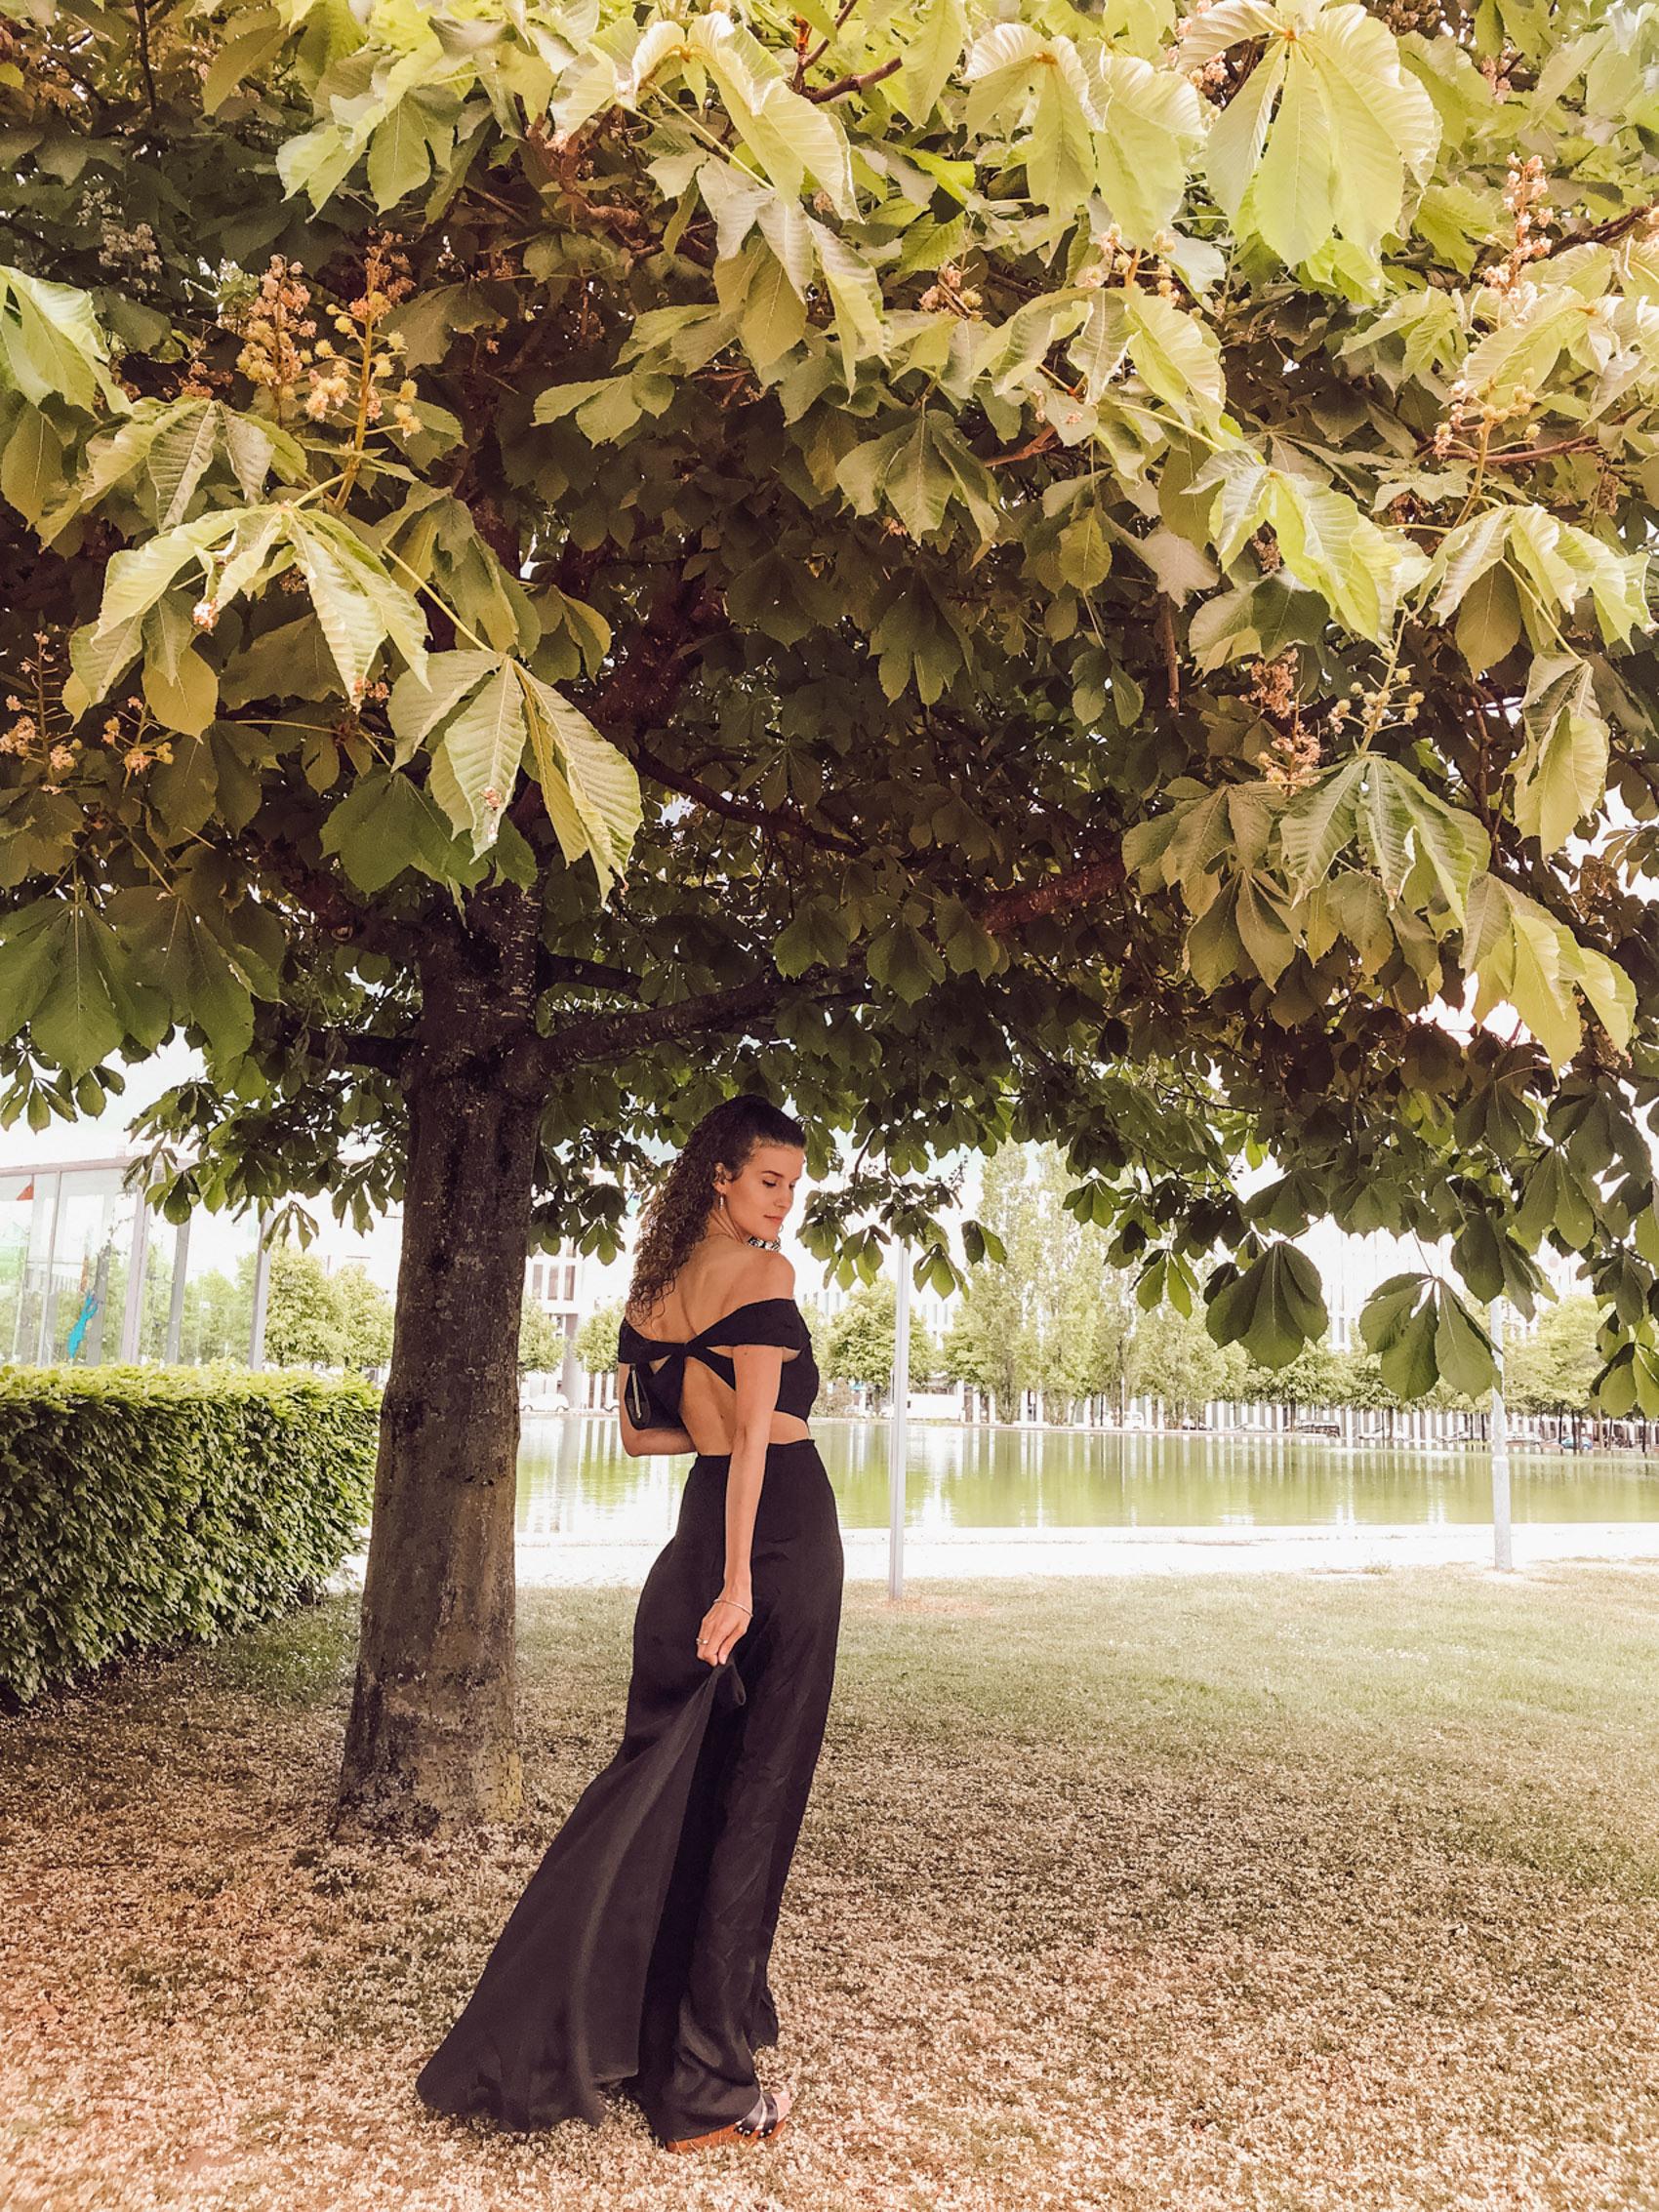 13 Ausgezeichnet Nachhaltige Mode Abendkleid Stylish13 Top Nachhaltige Mode Abendkleid Spezialgebiet